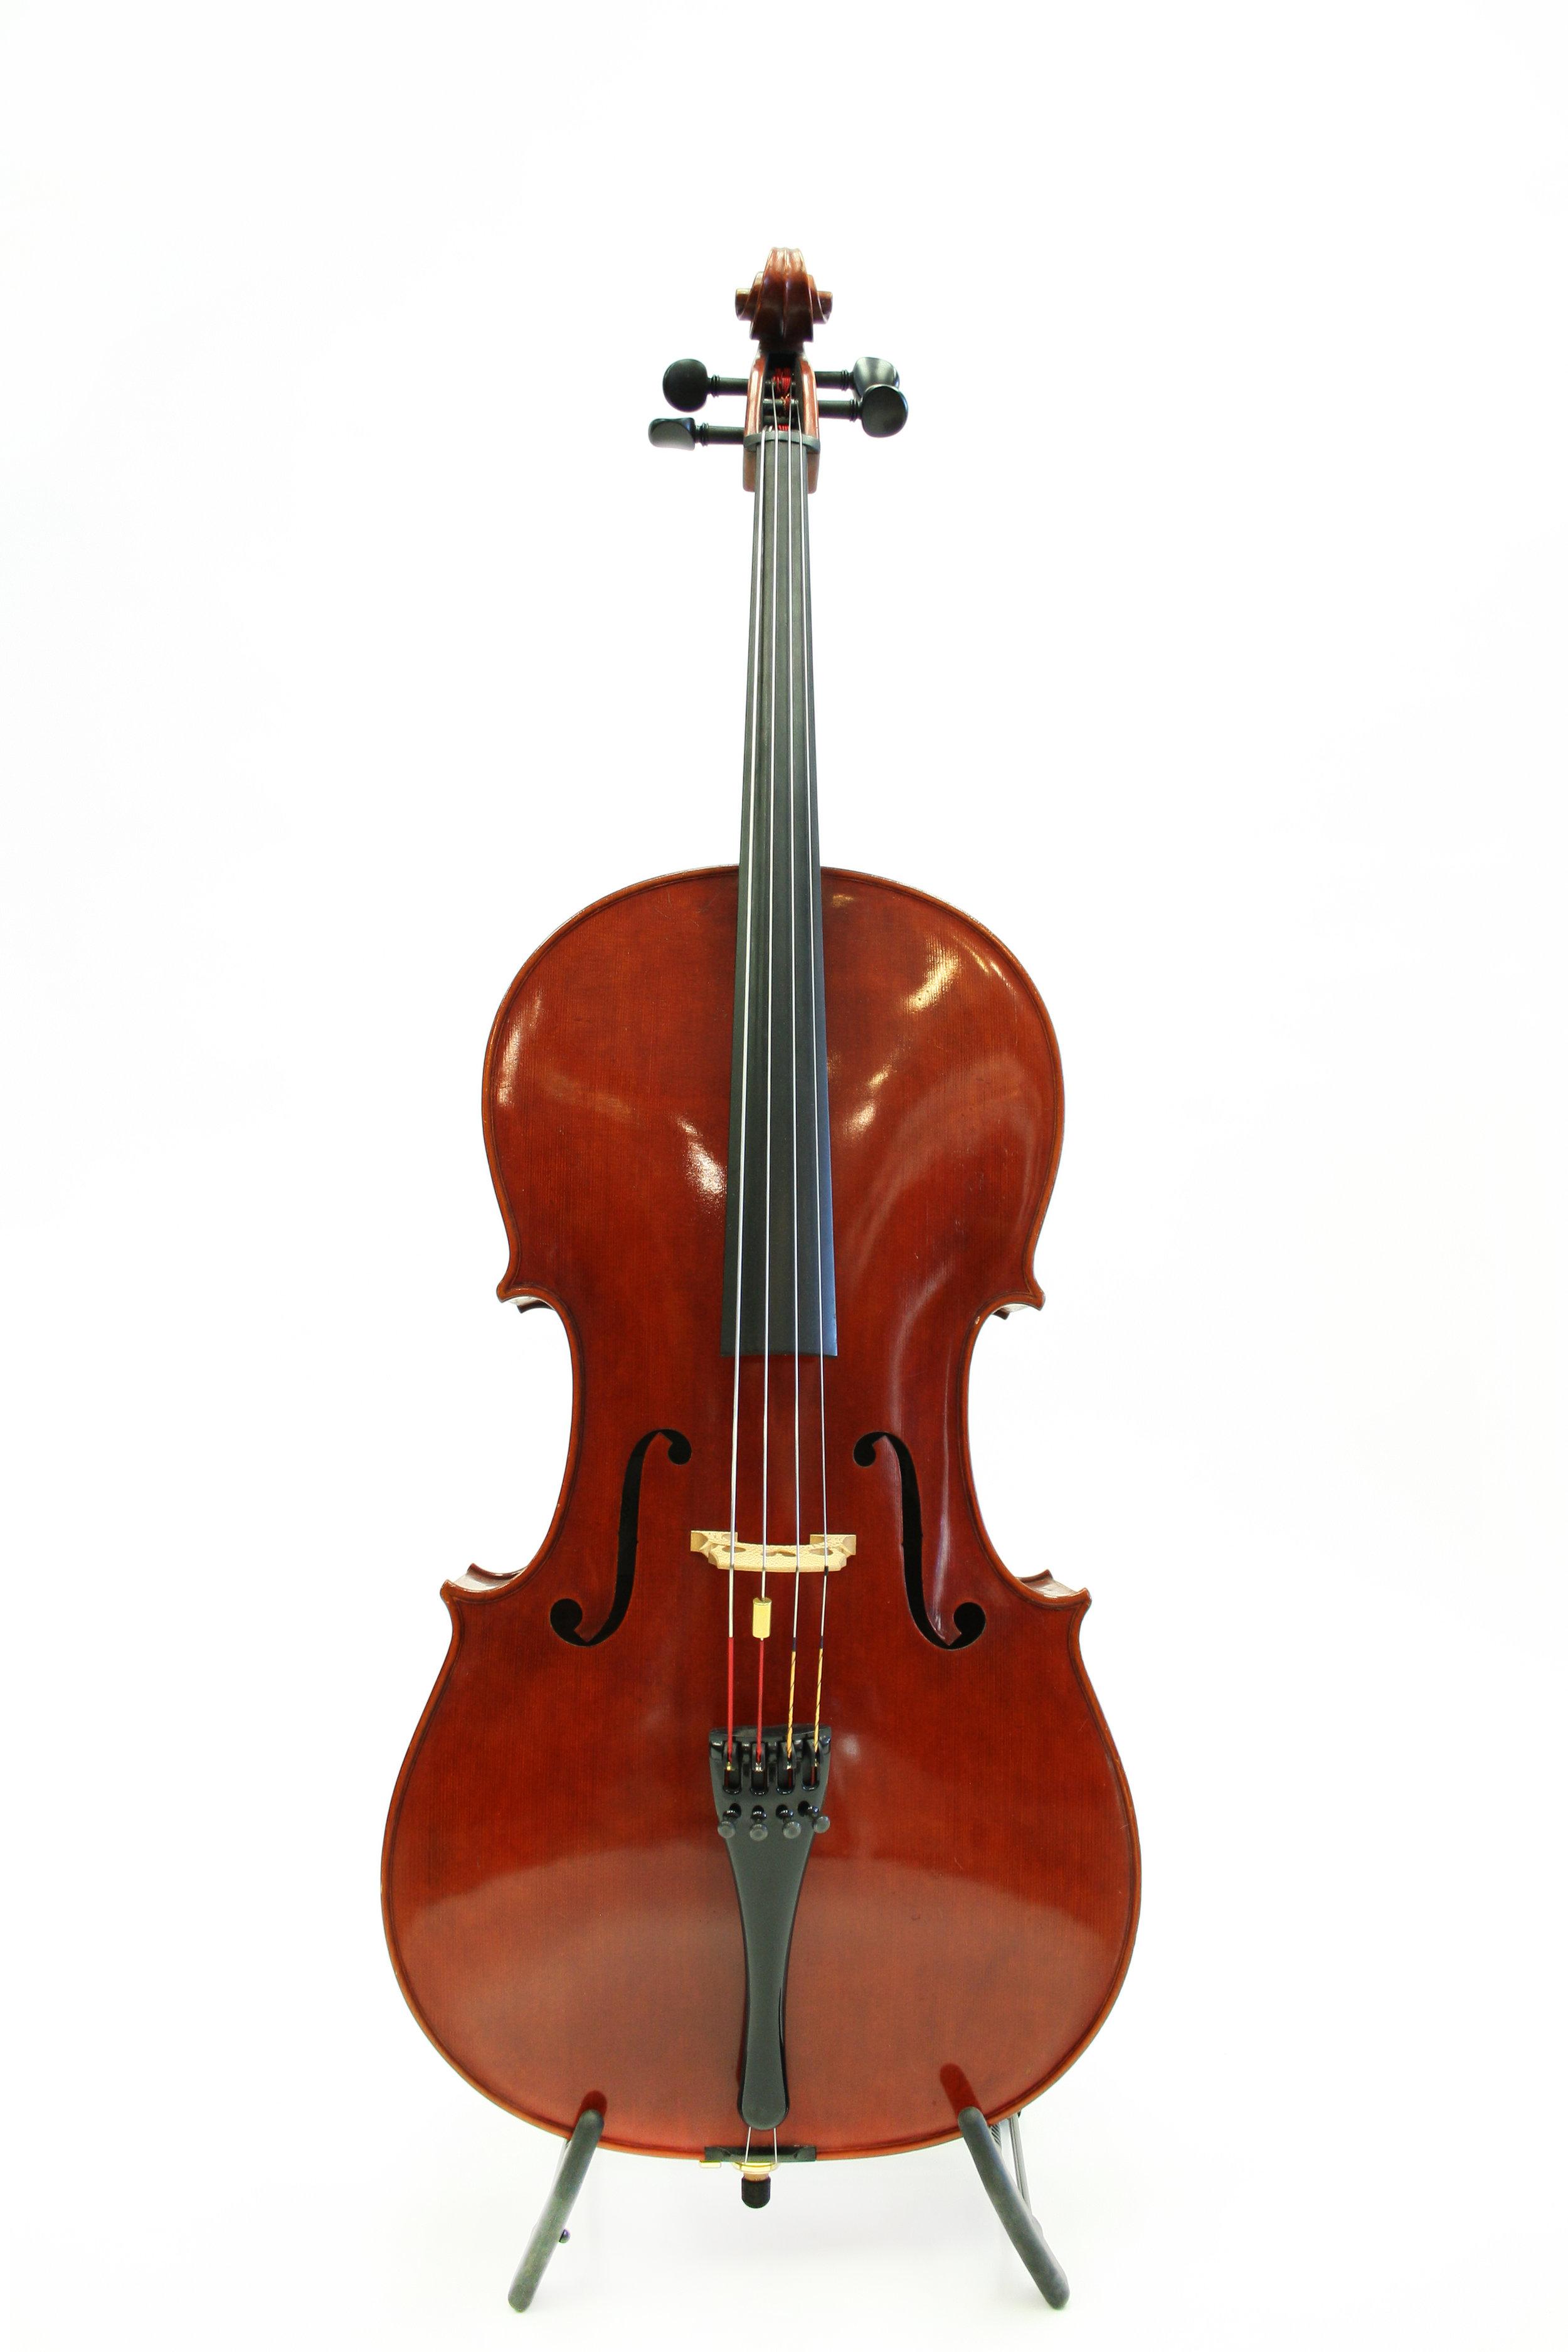 C. Jean Pique 7/8 Cello - $5800